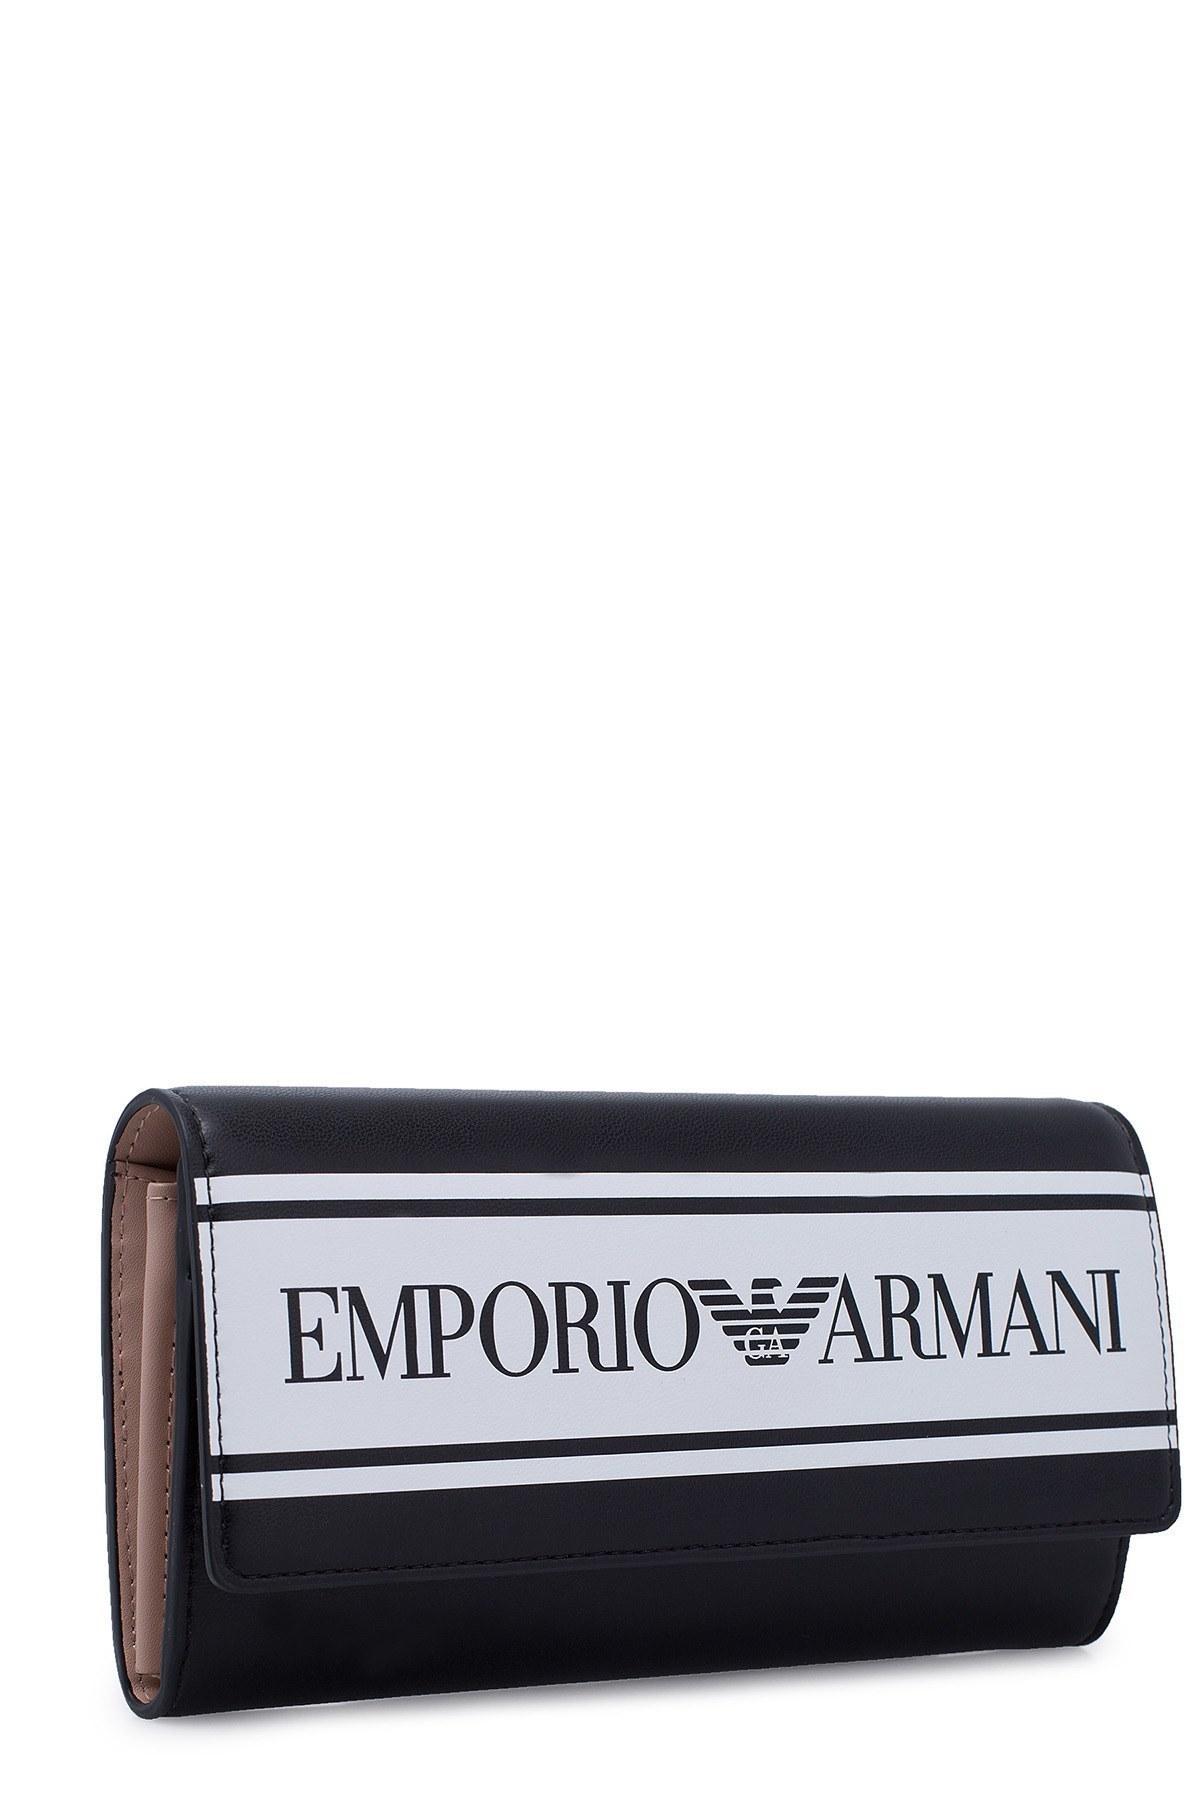 Emporio Armani Kadın Cüzdan S Y3H170 YFG7A 88007 SİYAH